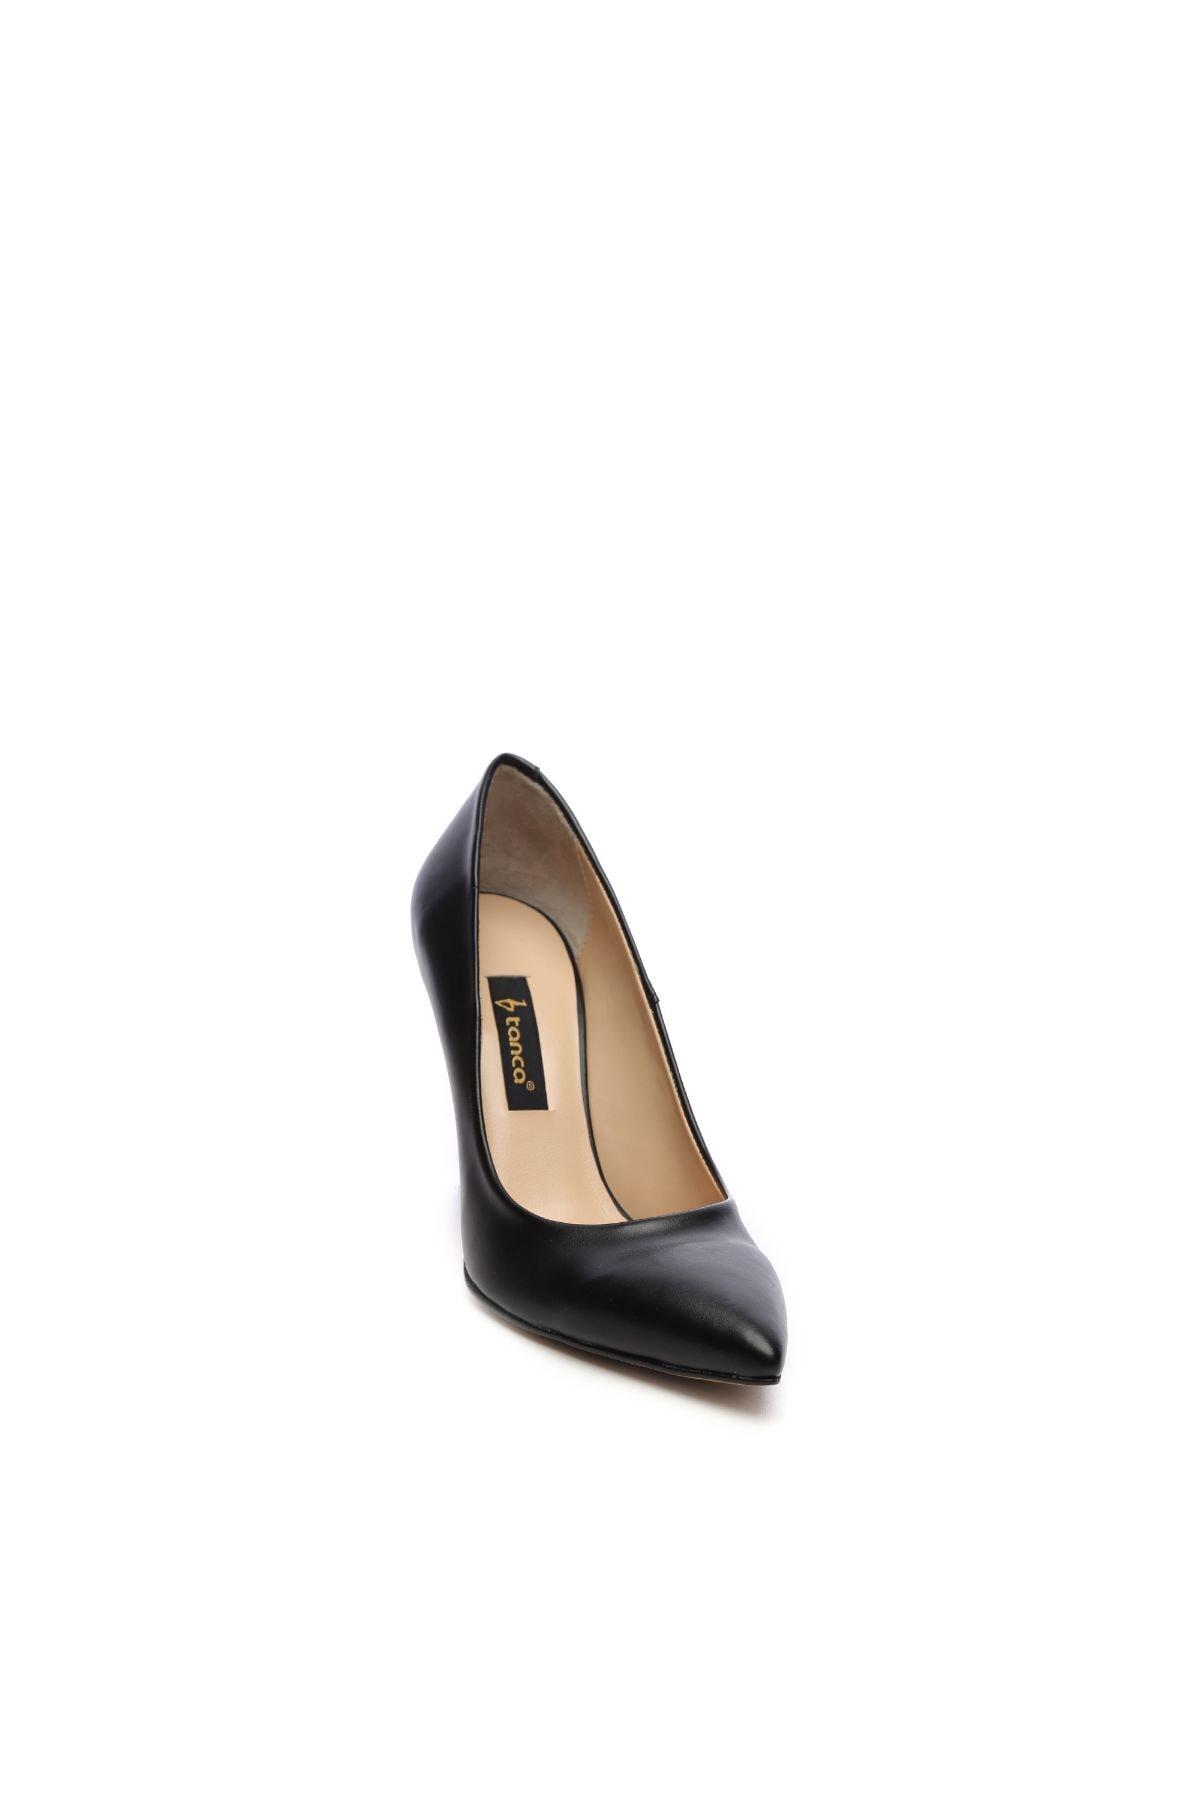 KEMAL TANCA Kemal Tanca Kadın Vegan Stiletto Ayakkabı 22 6224 BN AYK Y19 2